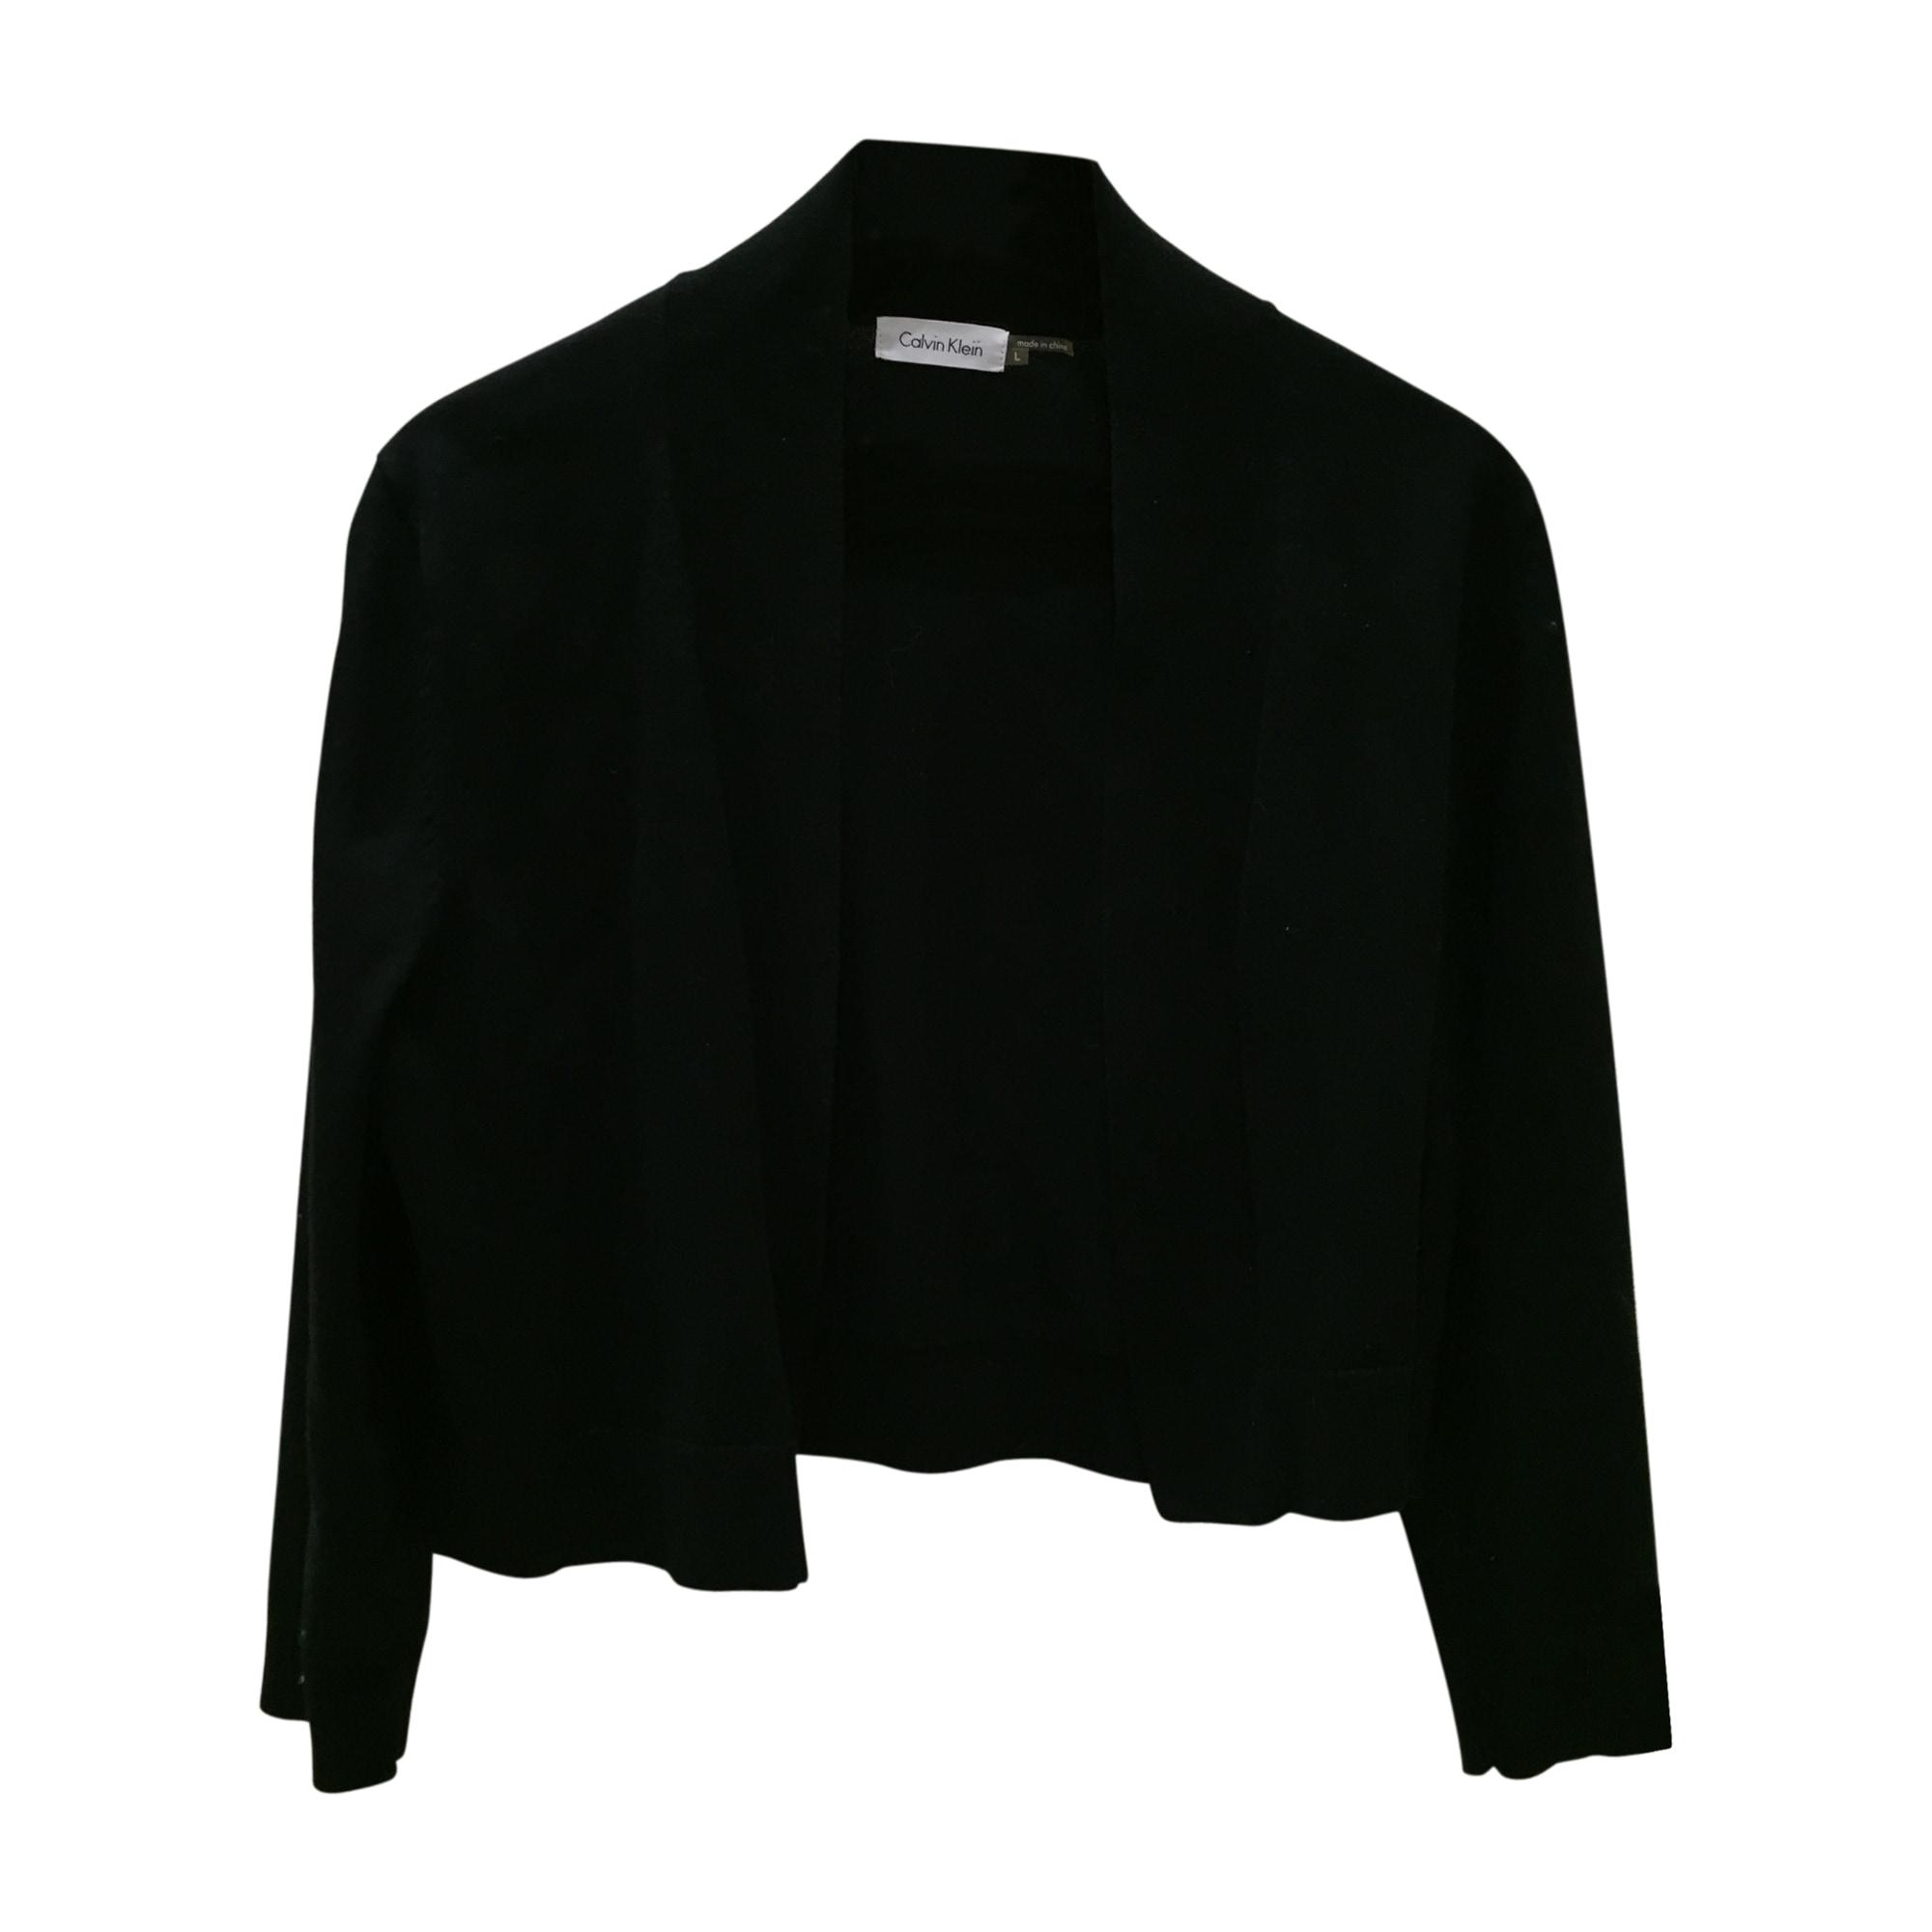 Gilet, cardigan CALVIN KLEIN Noir